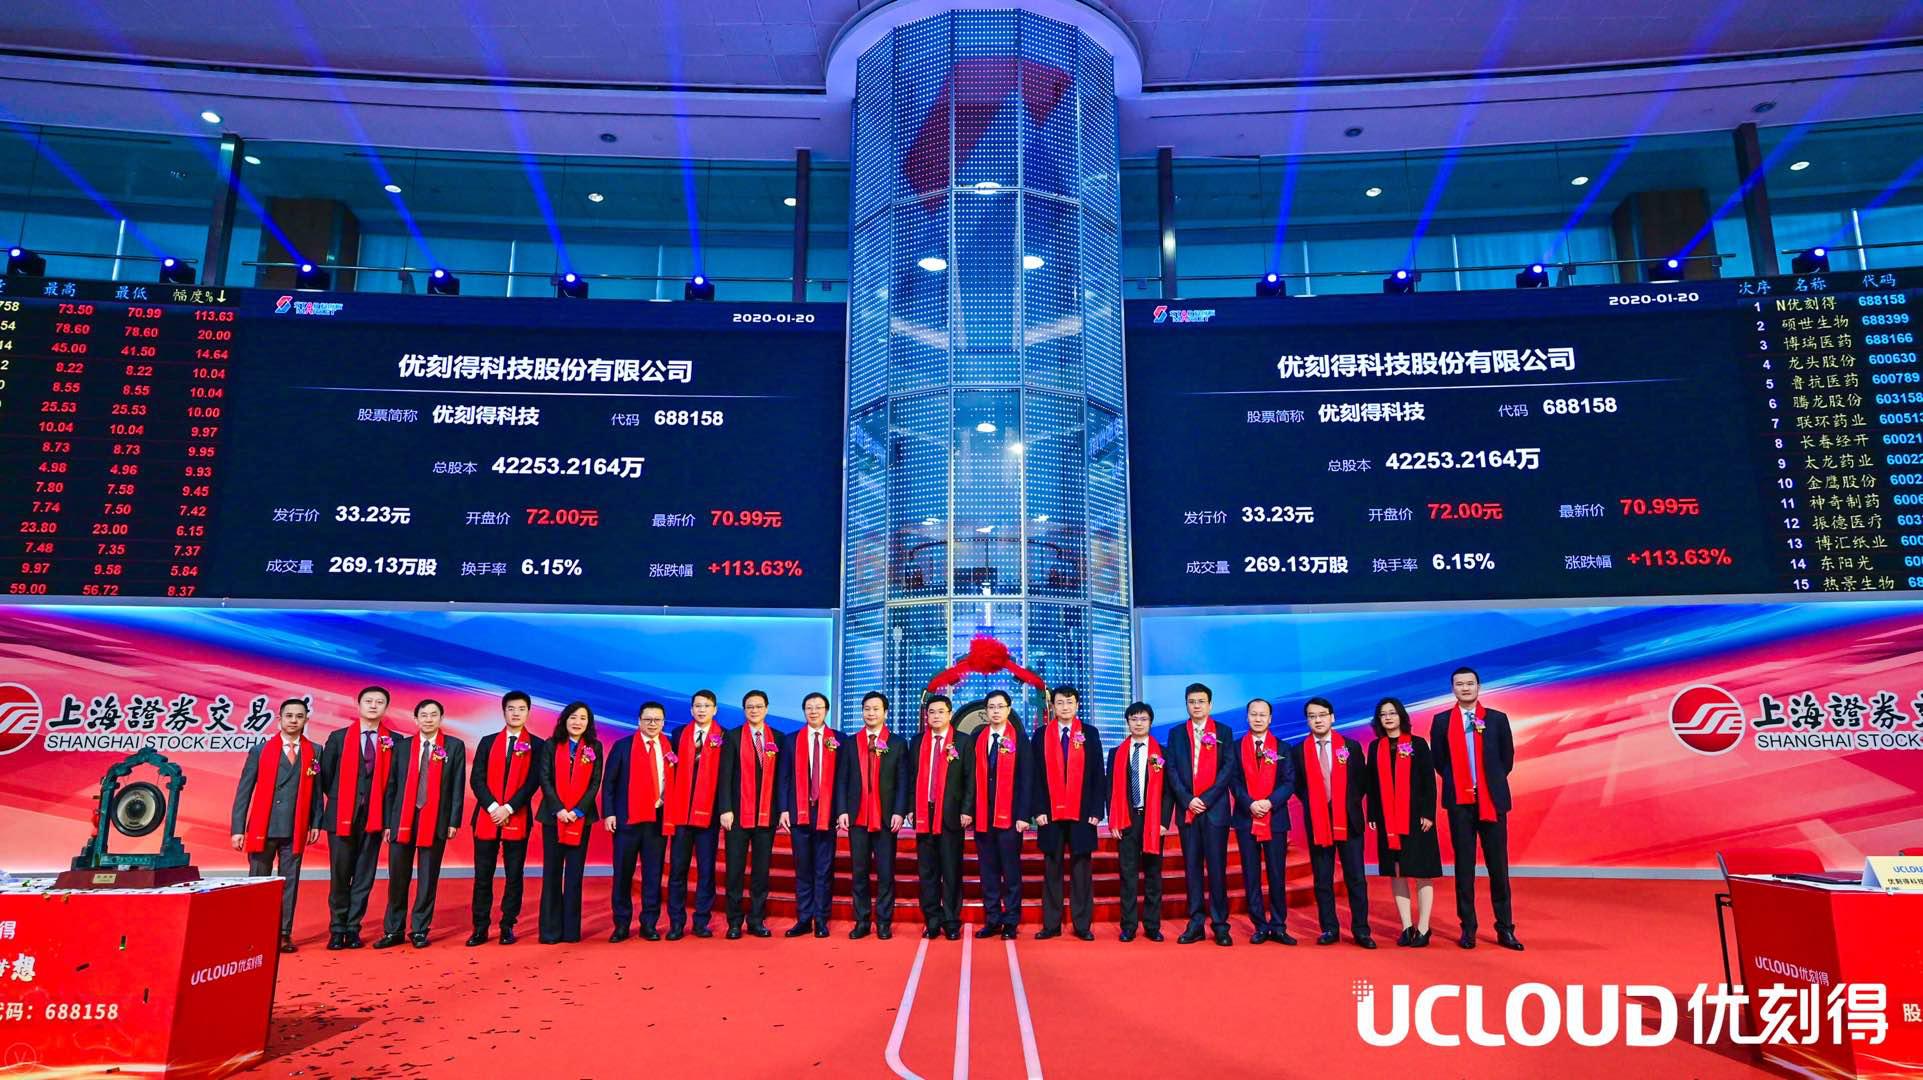 """中国云计算第一股""""UCloud优刻得"""